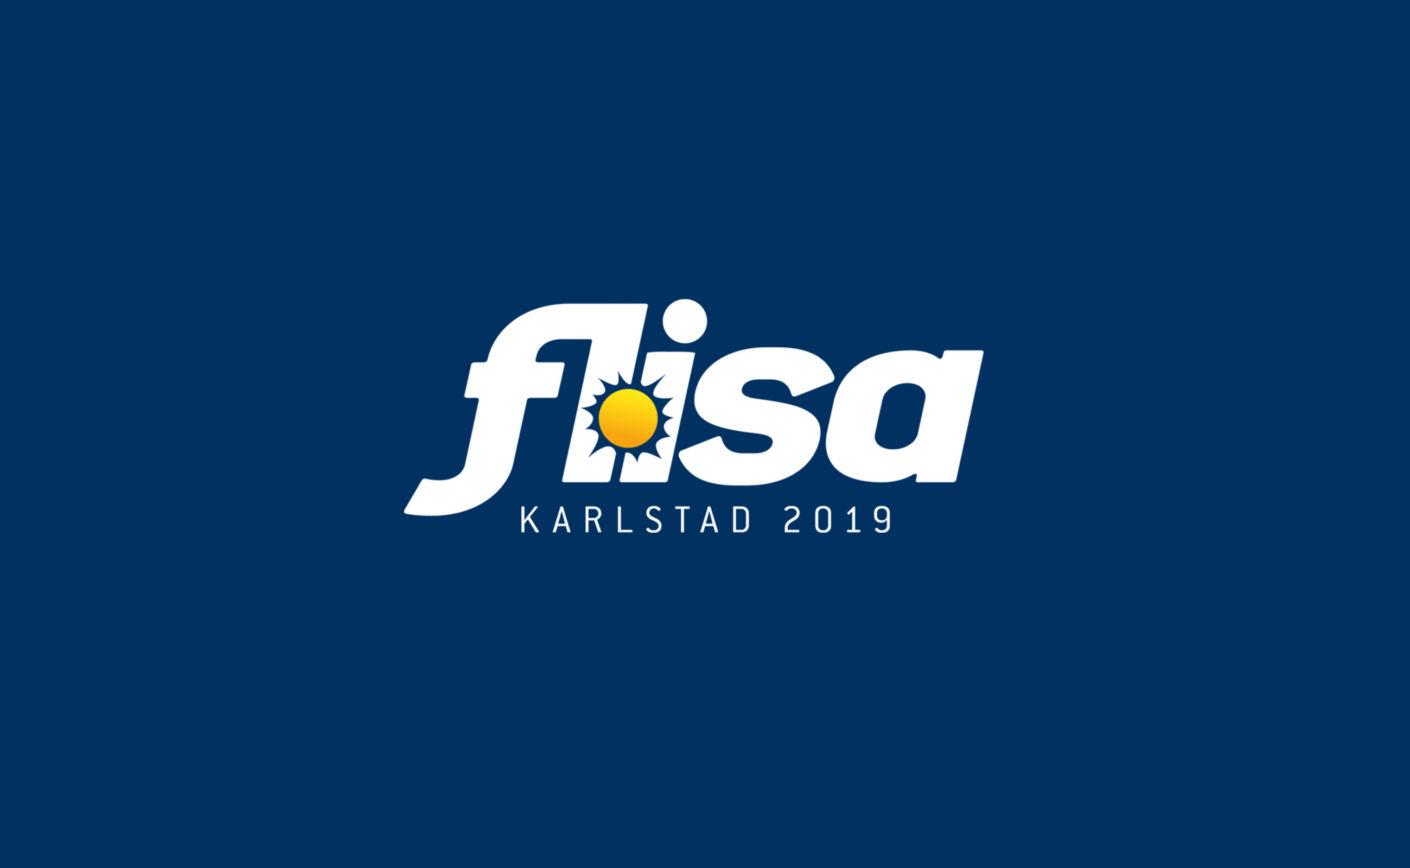 flisa_3